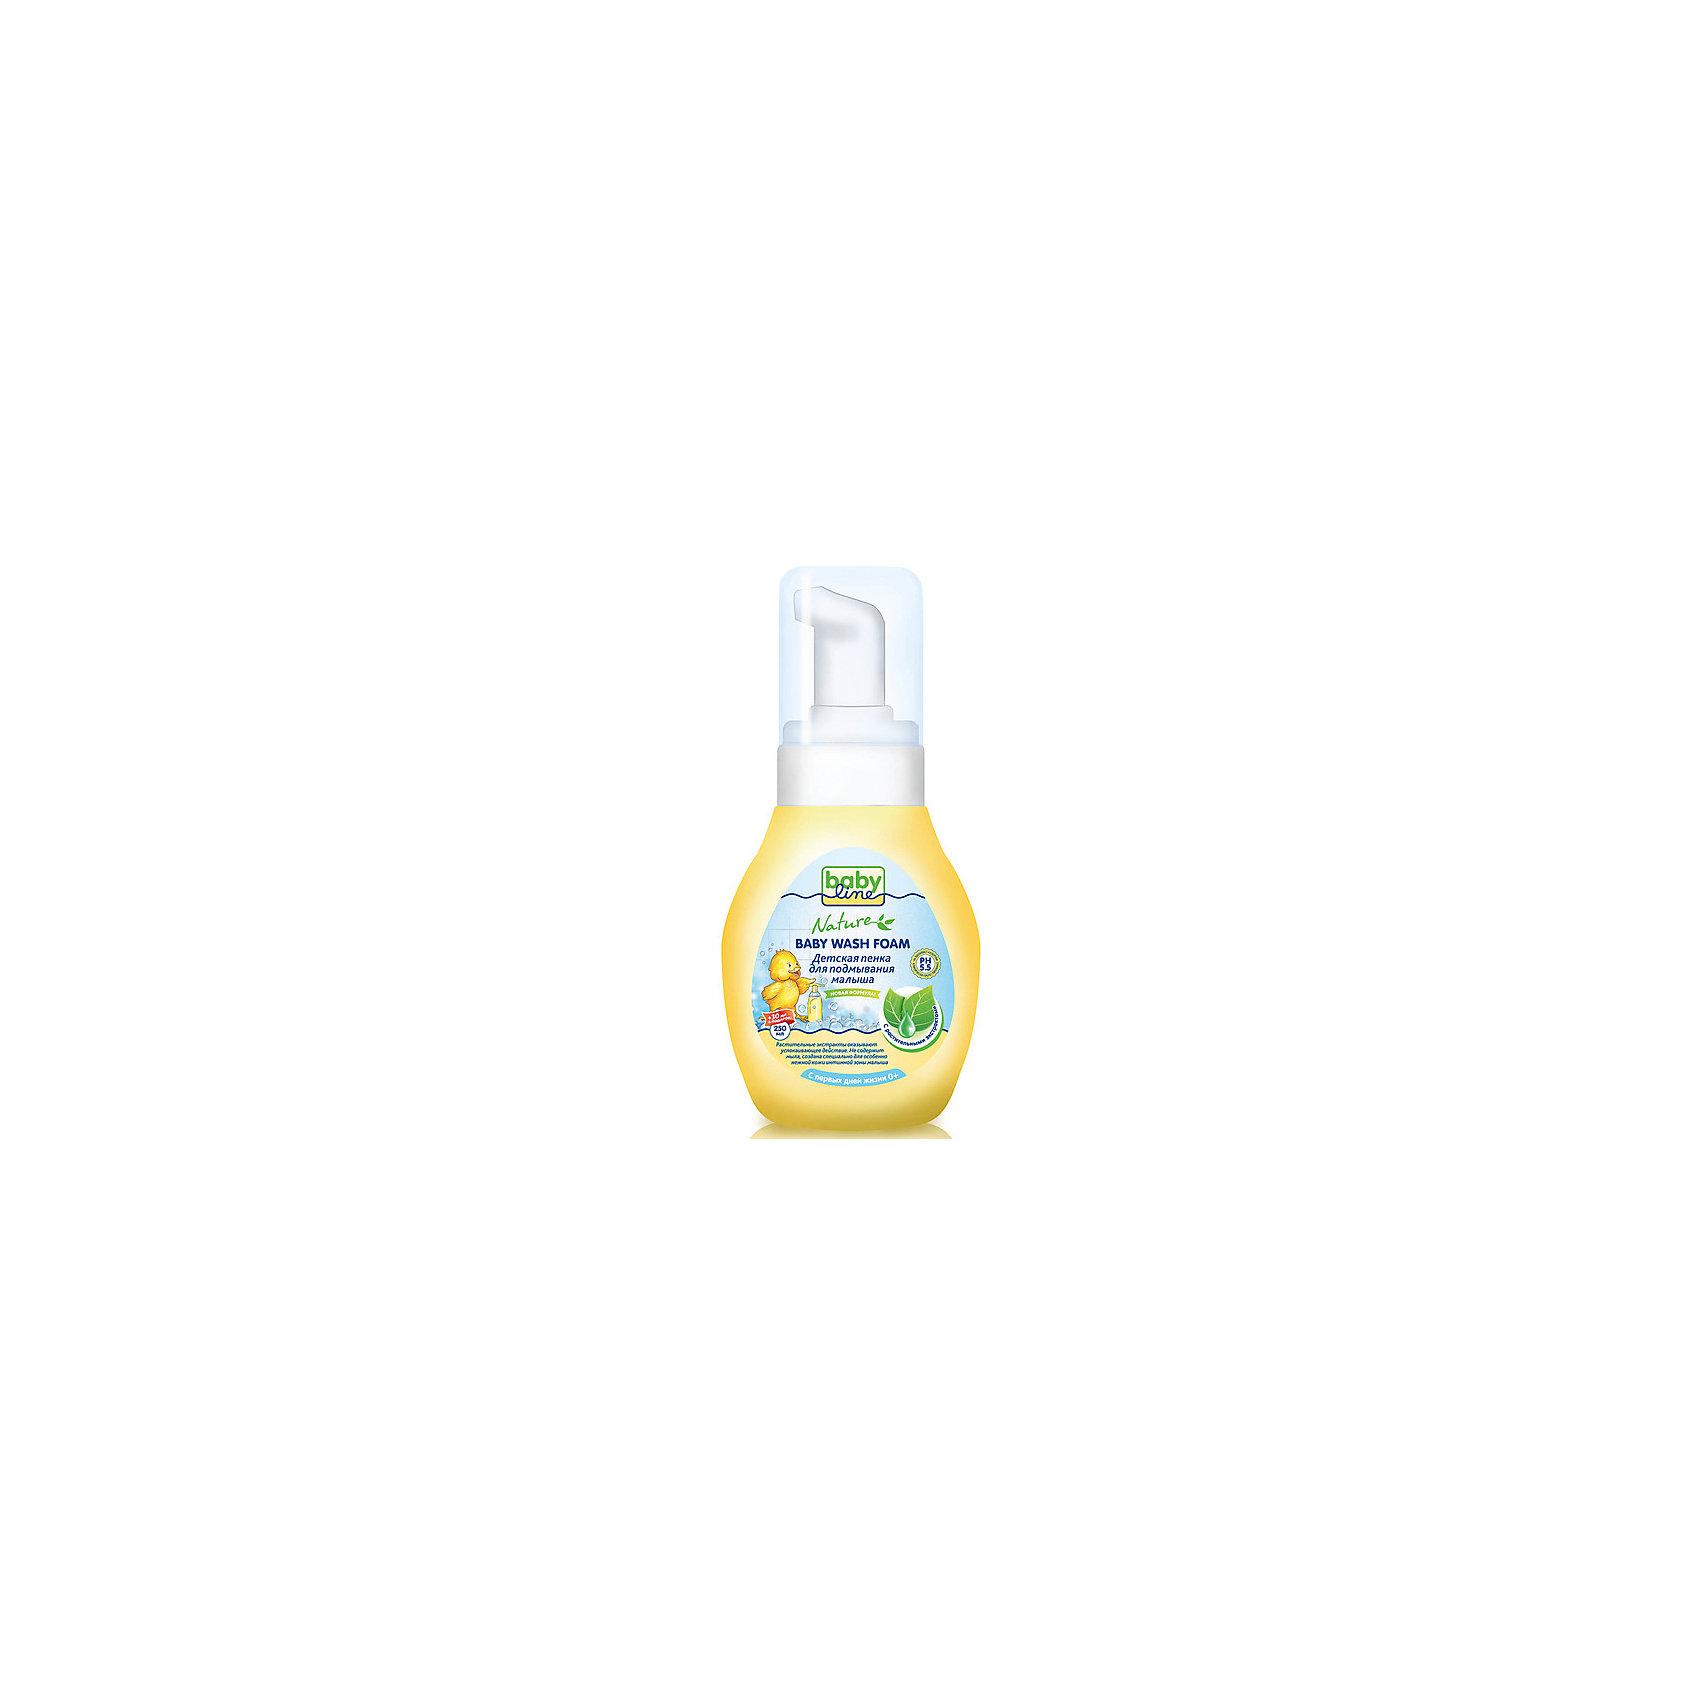 Пенка для подмывания малыша с растительн. Экстрактами, Babyline, 280 мл.